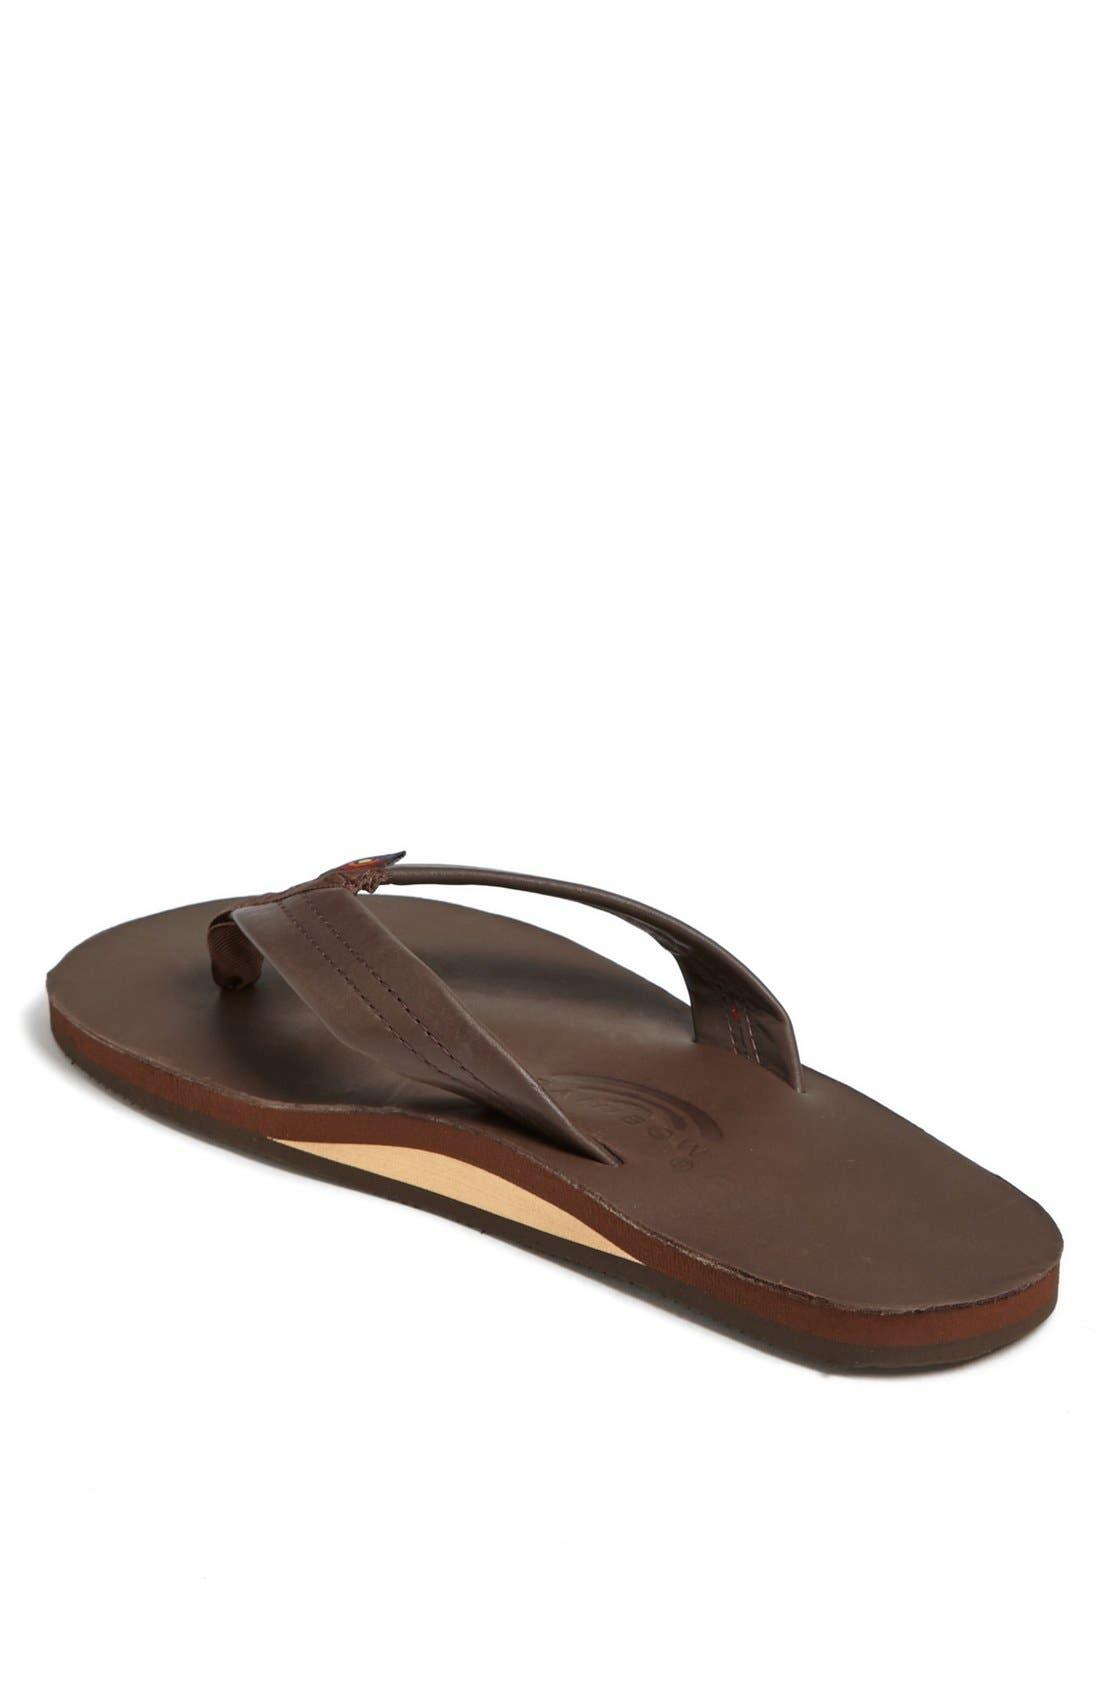 7f9362871ba8 Men s Sandals